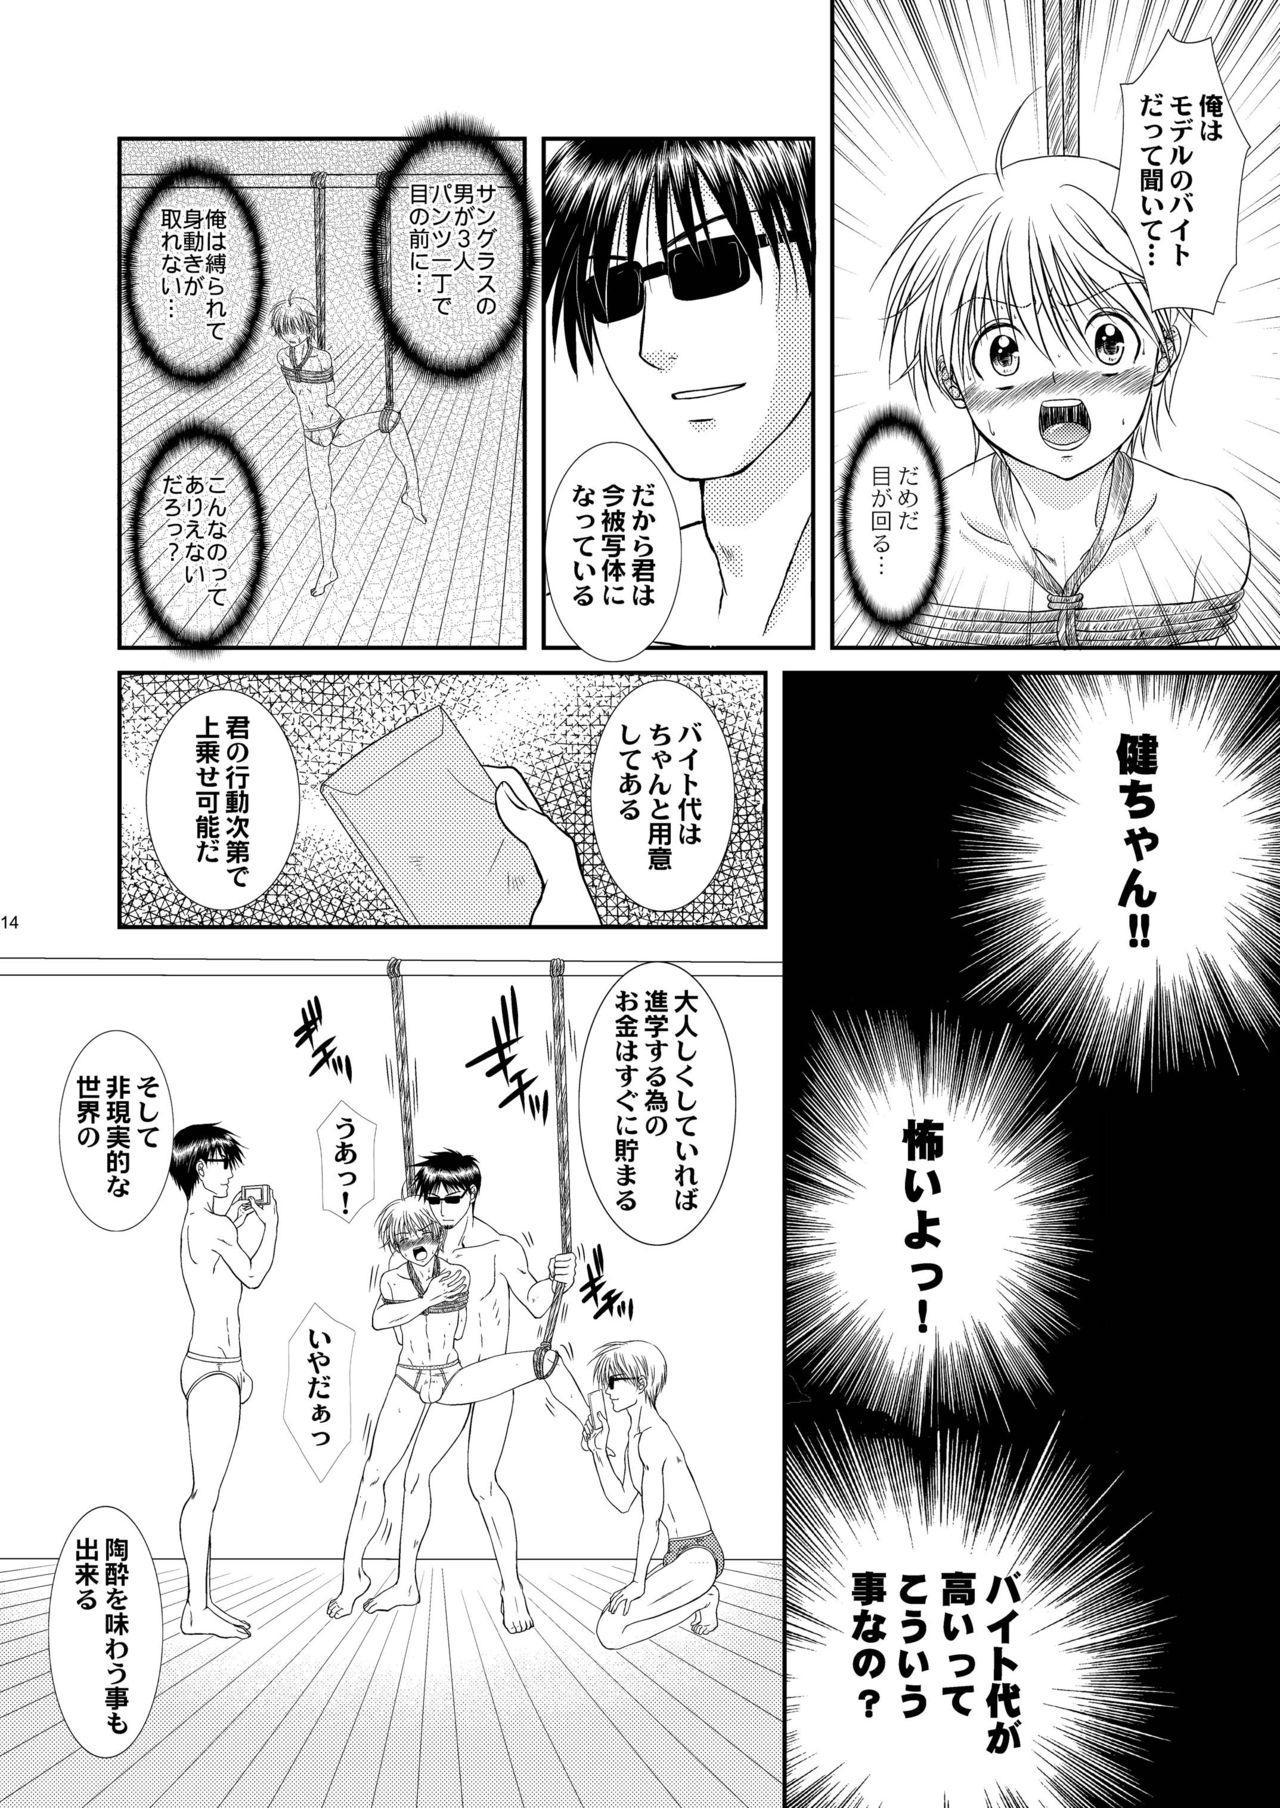 Ore to Senpai ga Shibarateru Wake. 13